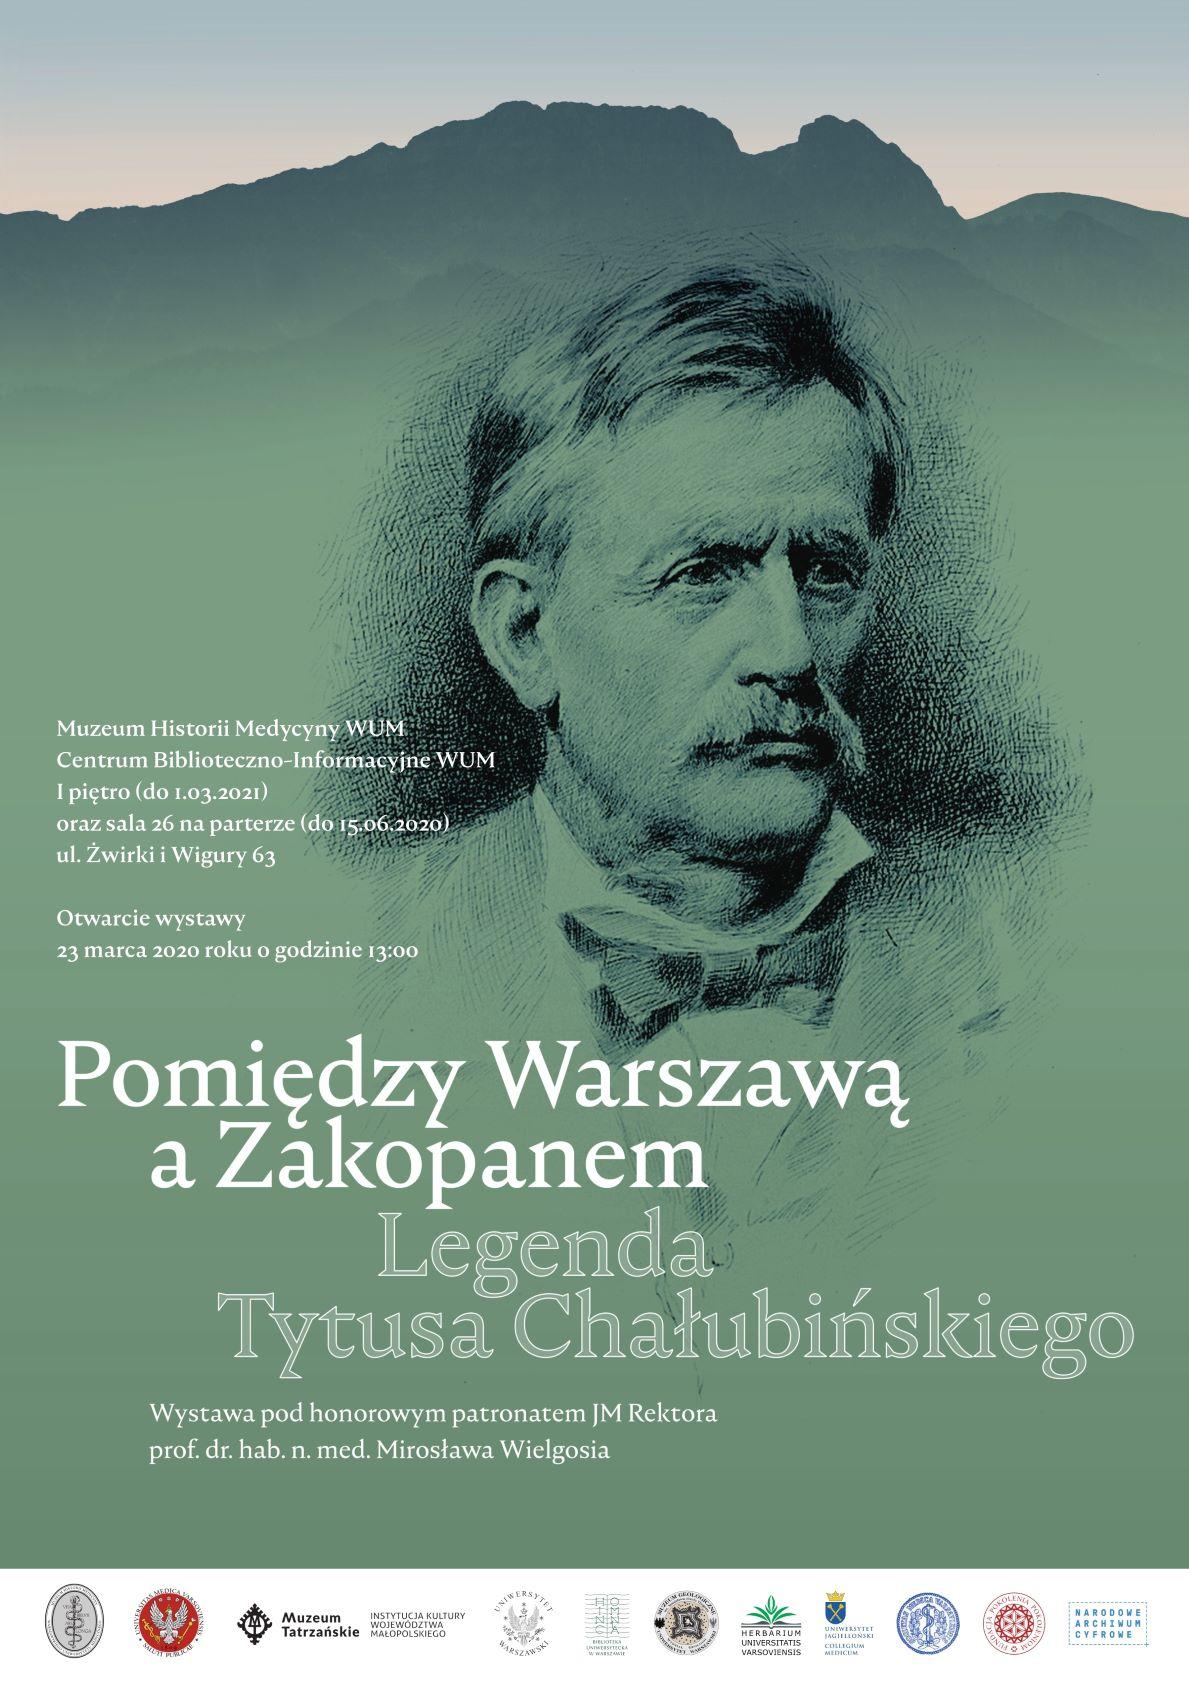 Pomiędzy Warszawą a Zakopanem. Legenda Tytusa Chałubińskiego